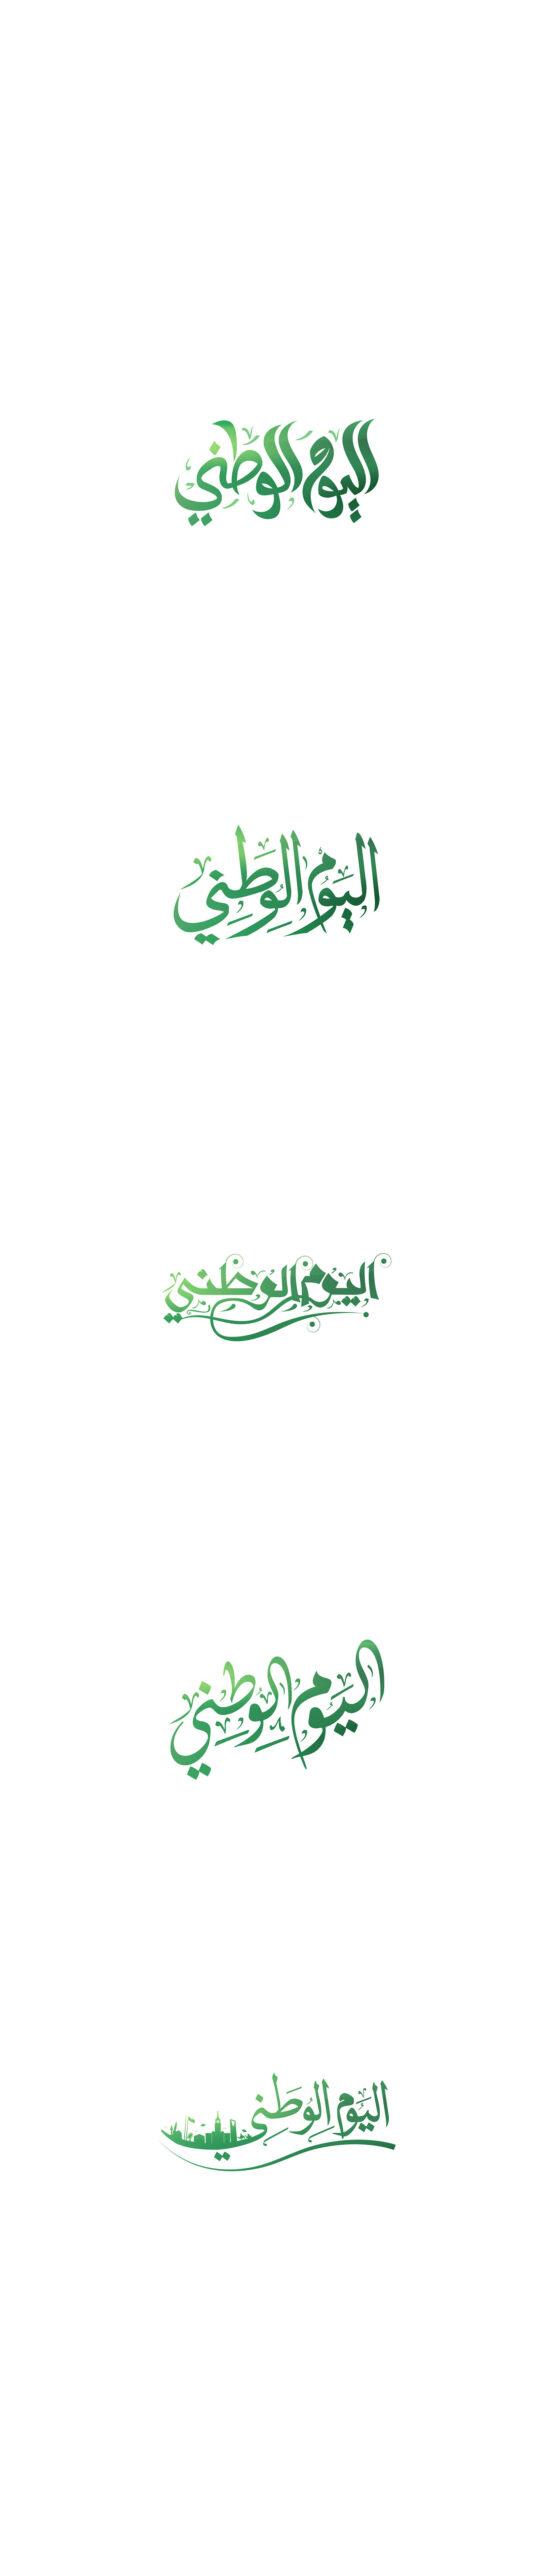 مخطوطة اليوم الوطني السعودي 91